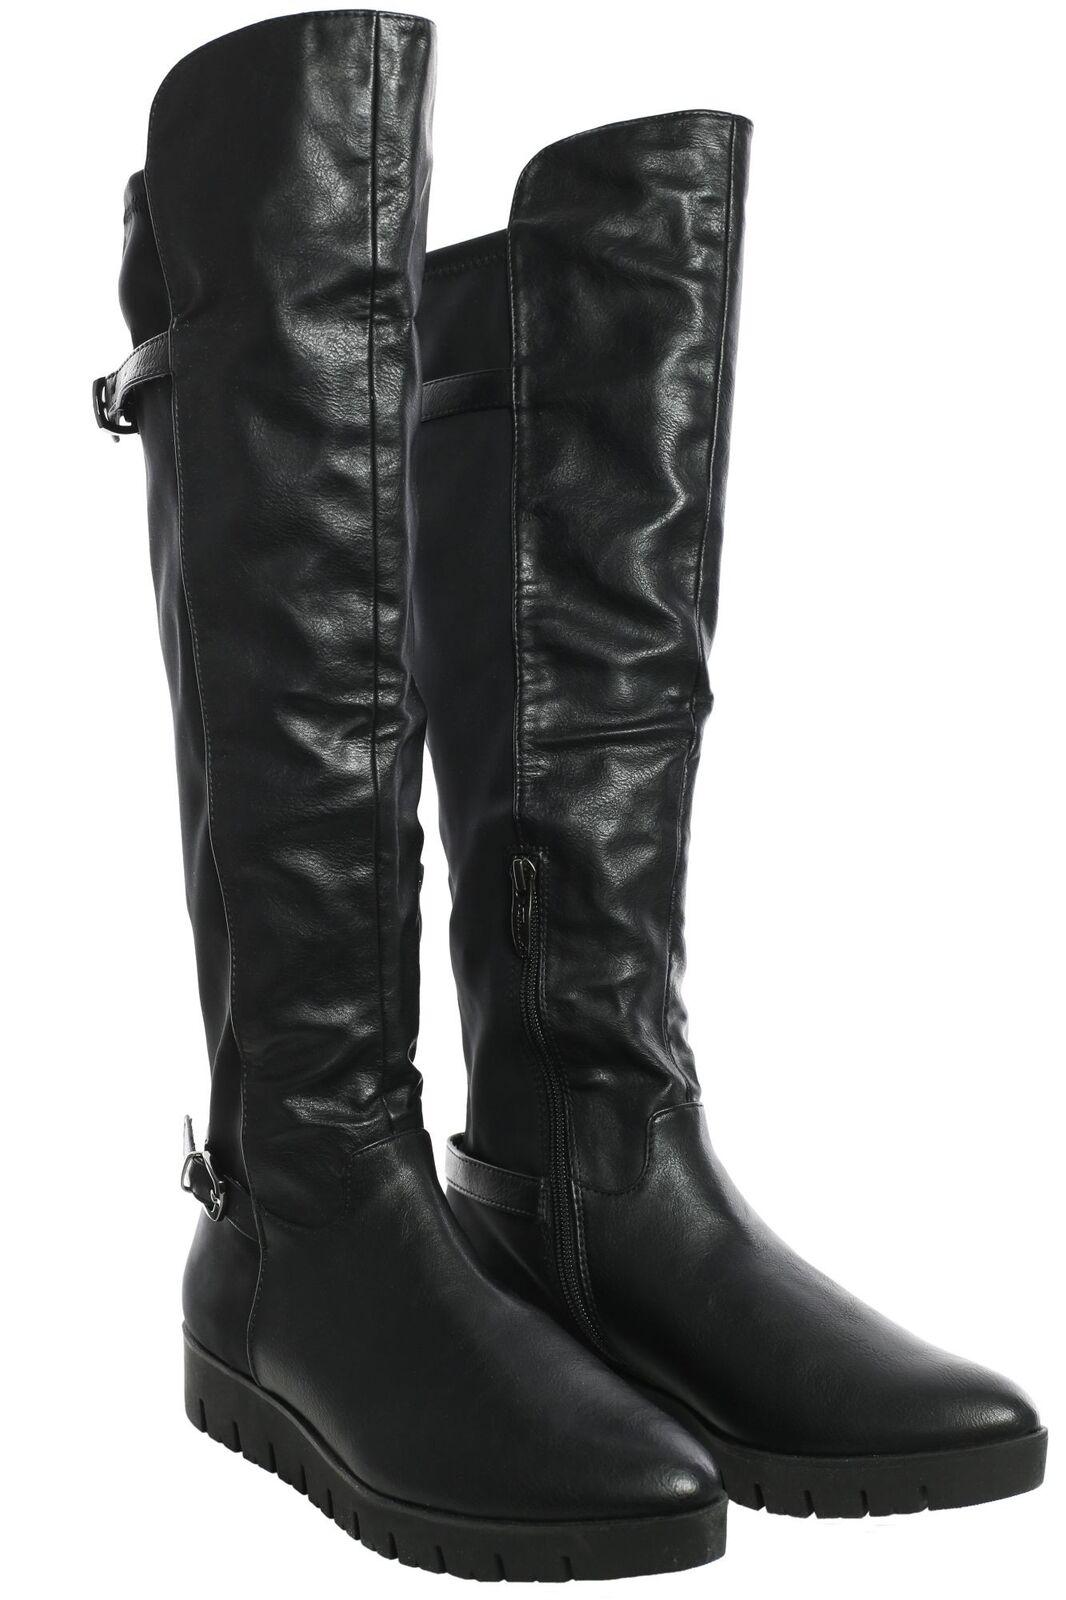 Casual salvaje Tamaris botas altas señora zapatos botas botines tacón de cuña símil cuero